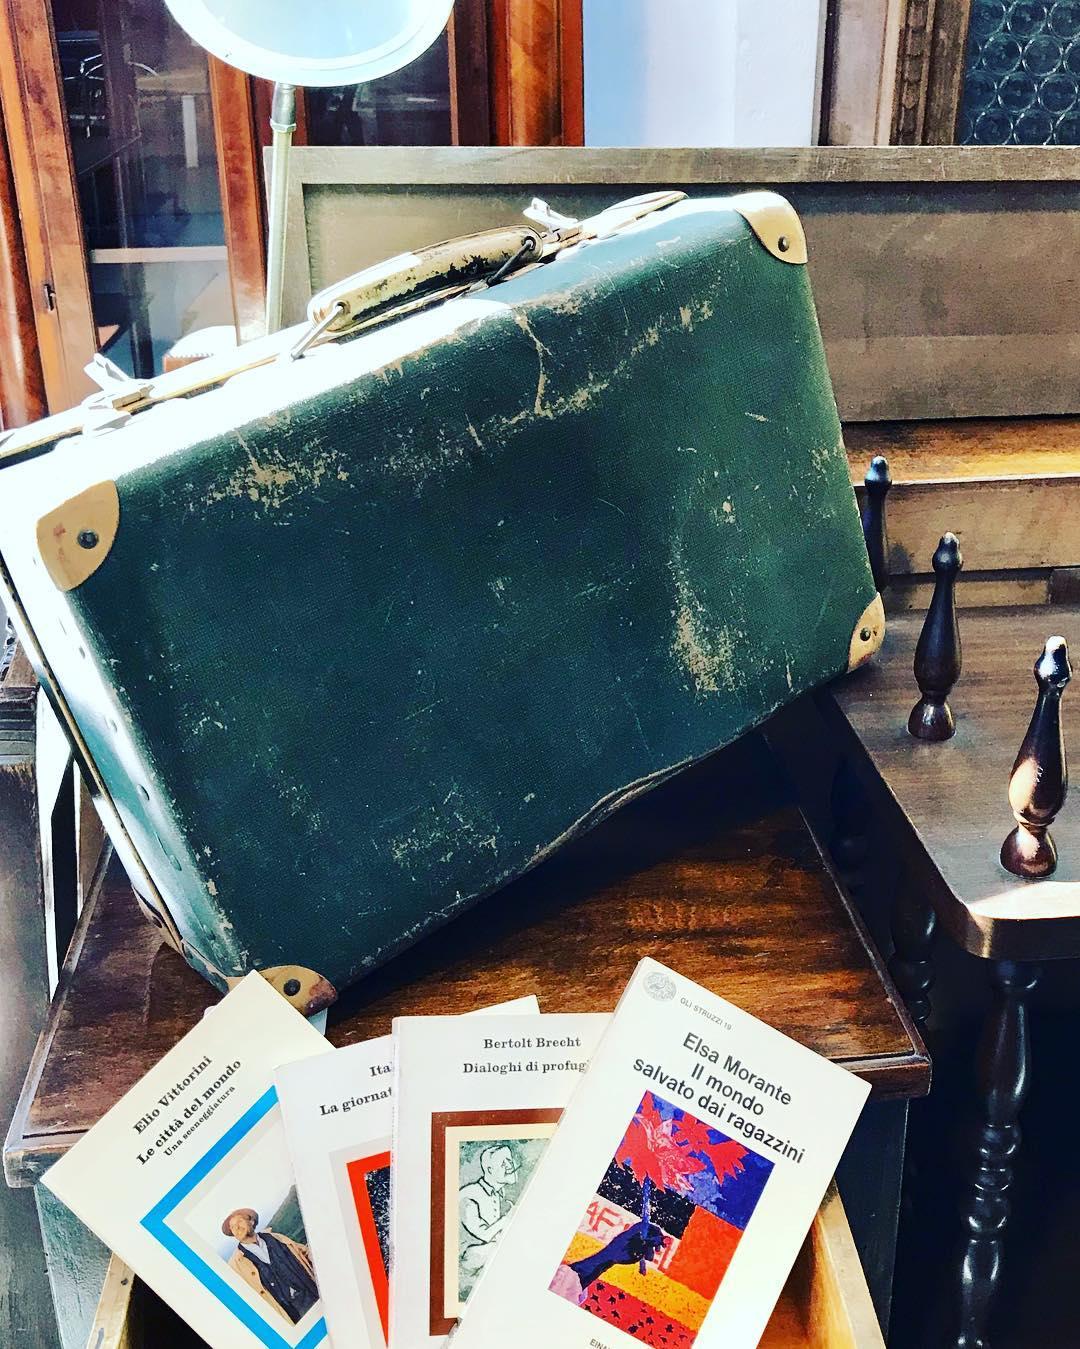 C'è un luogo dove gli oggetti usati raccontano storie: il mercatino Triciclo, un laboratorio di recupero e riciclo, sgombero cantine e riarredamento vintage